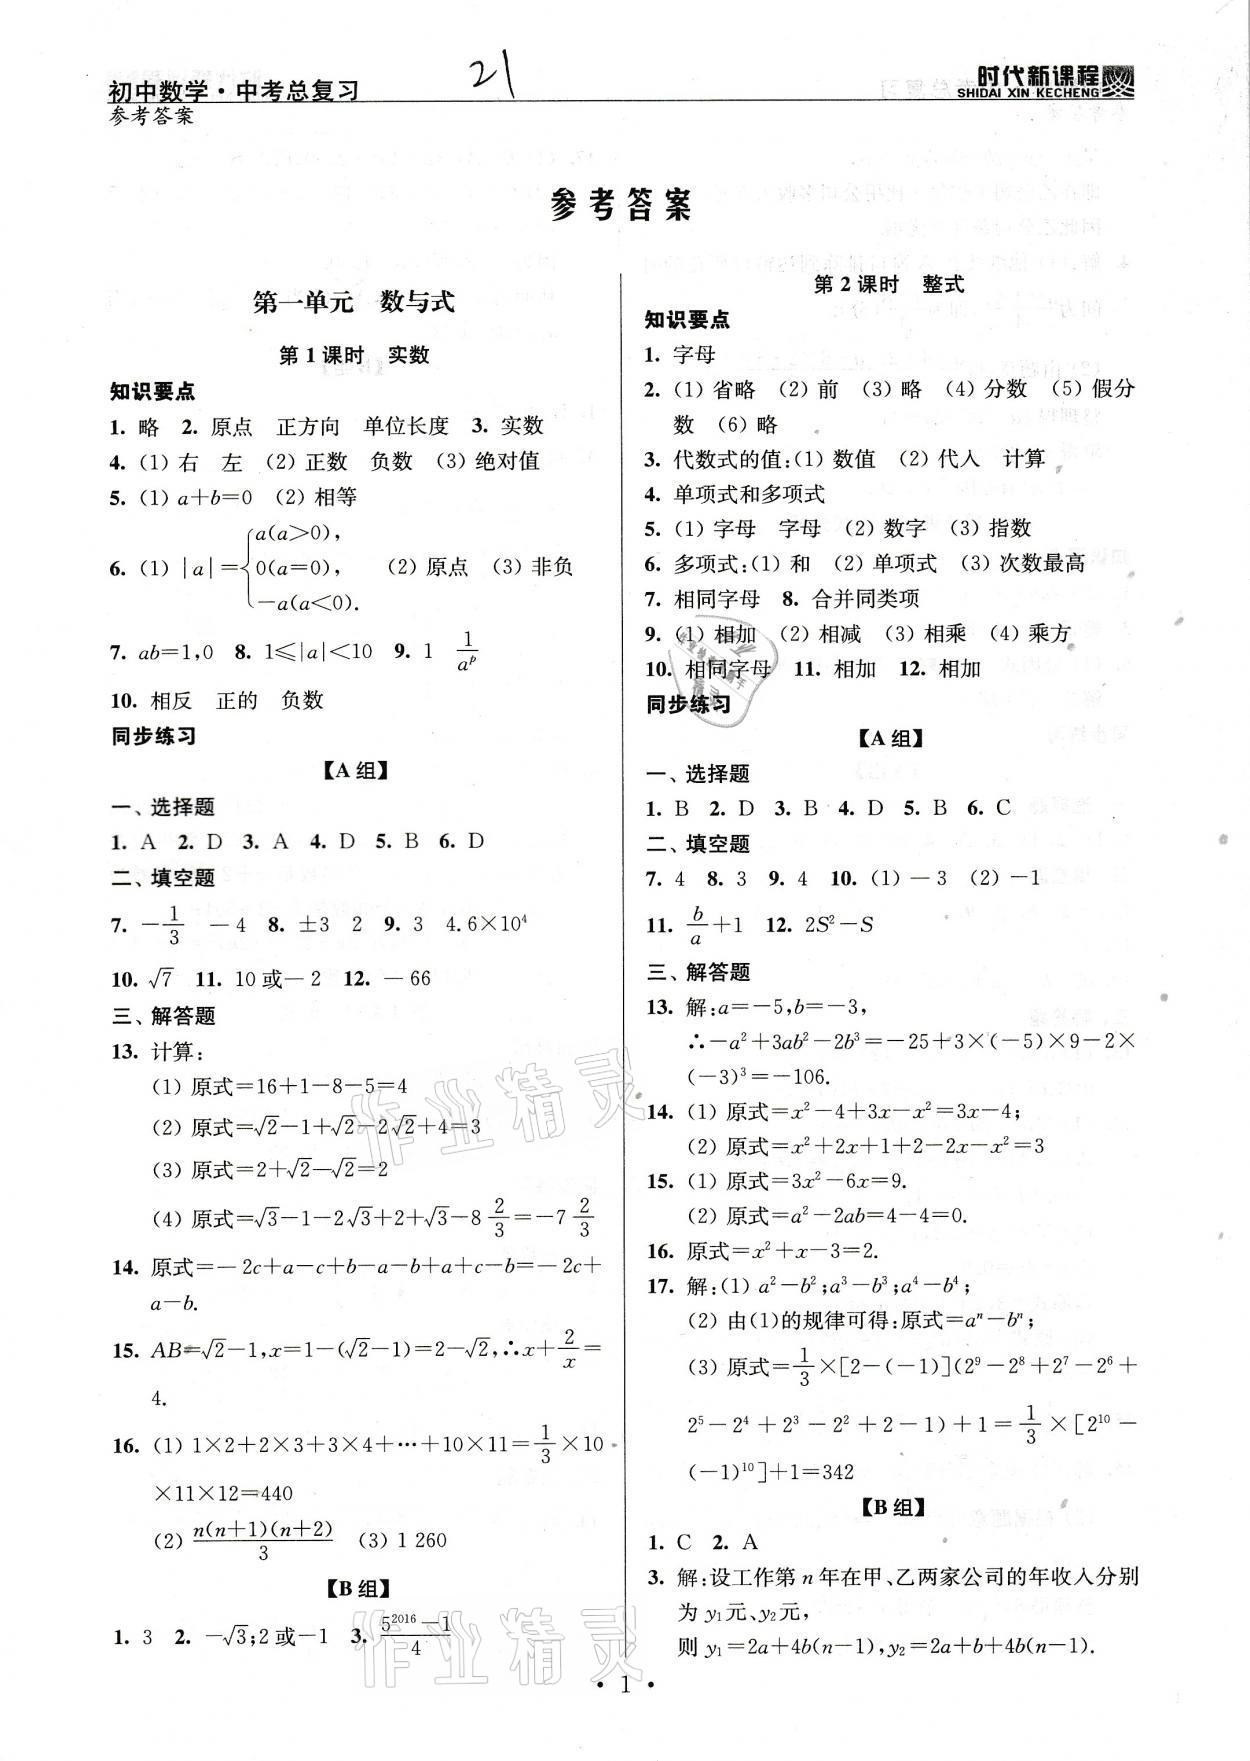 2021年时代新课程初中数学中考总复习参考答案第1页